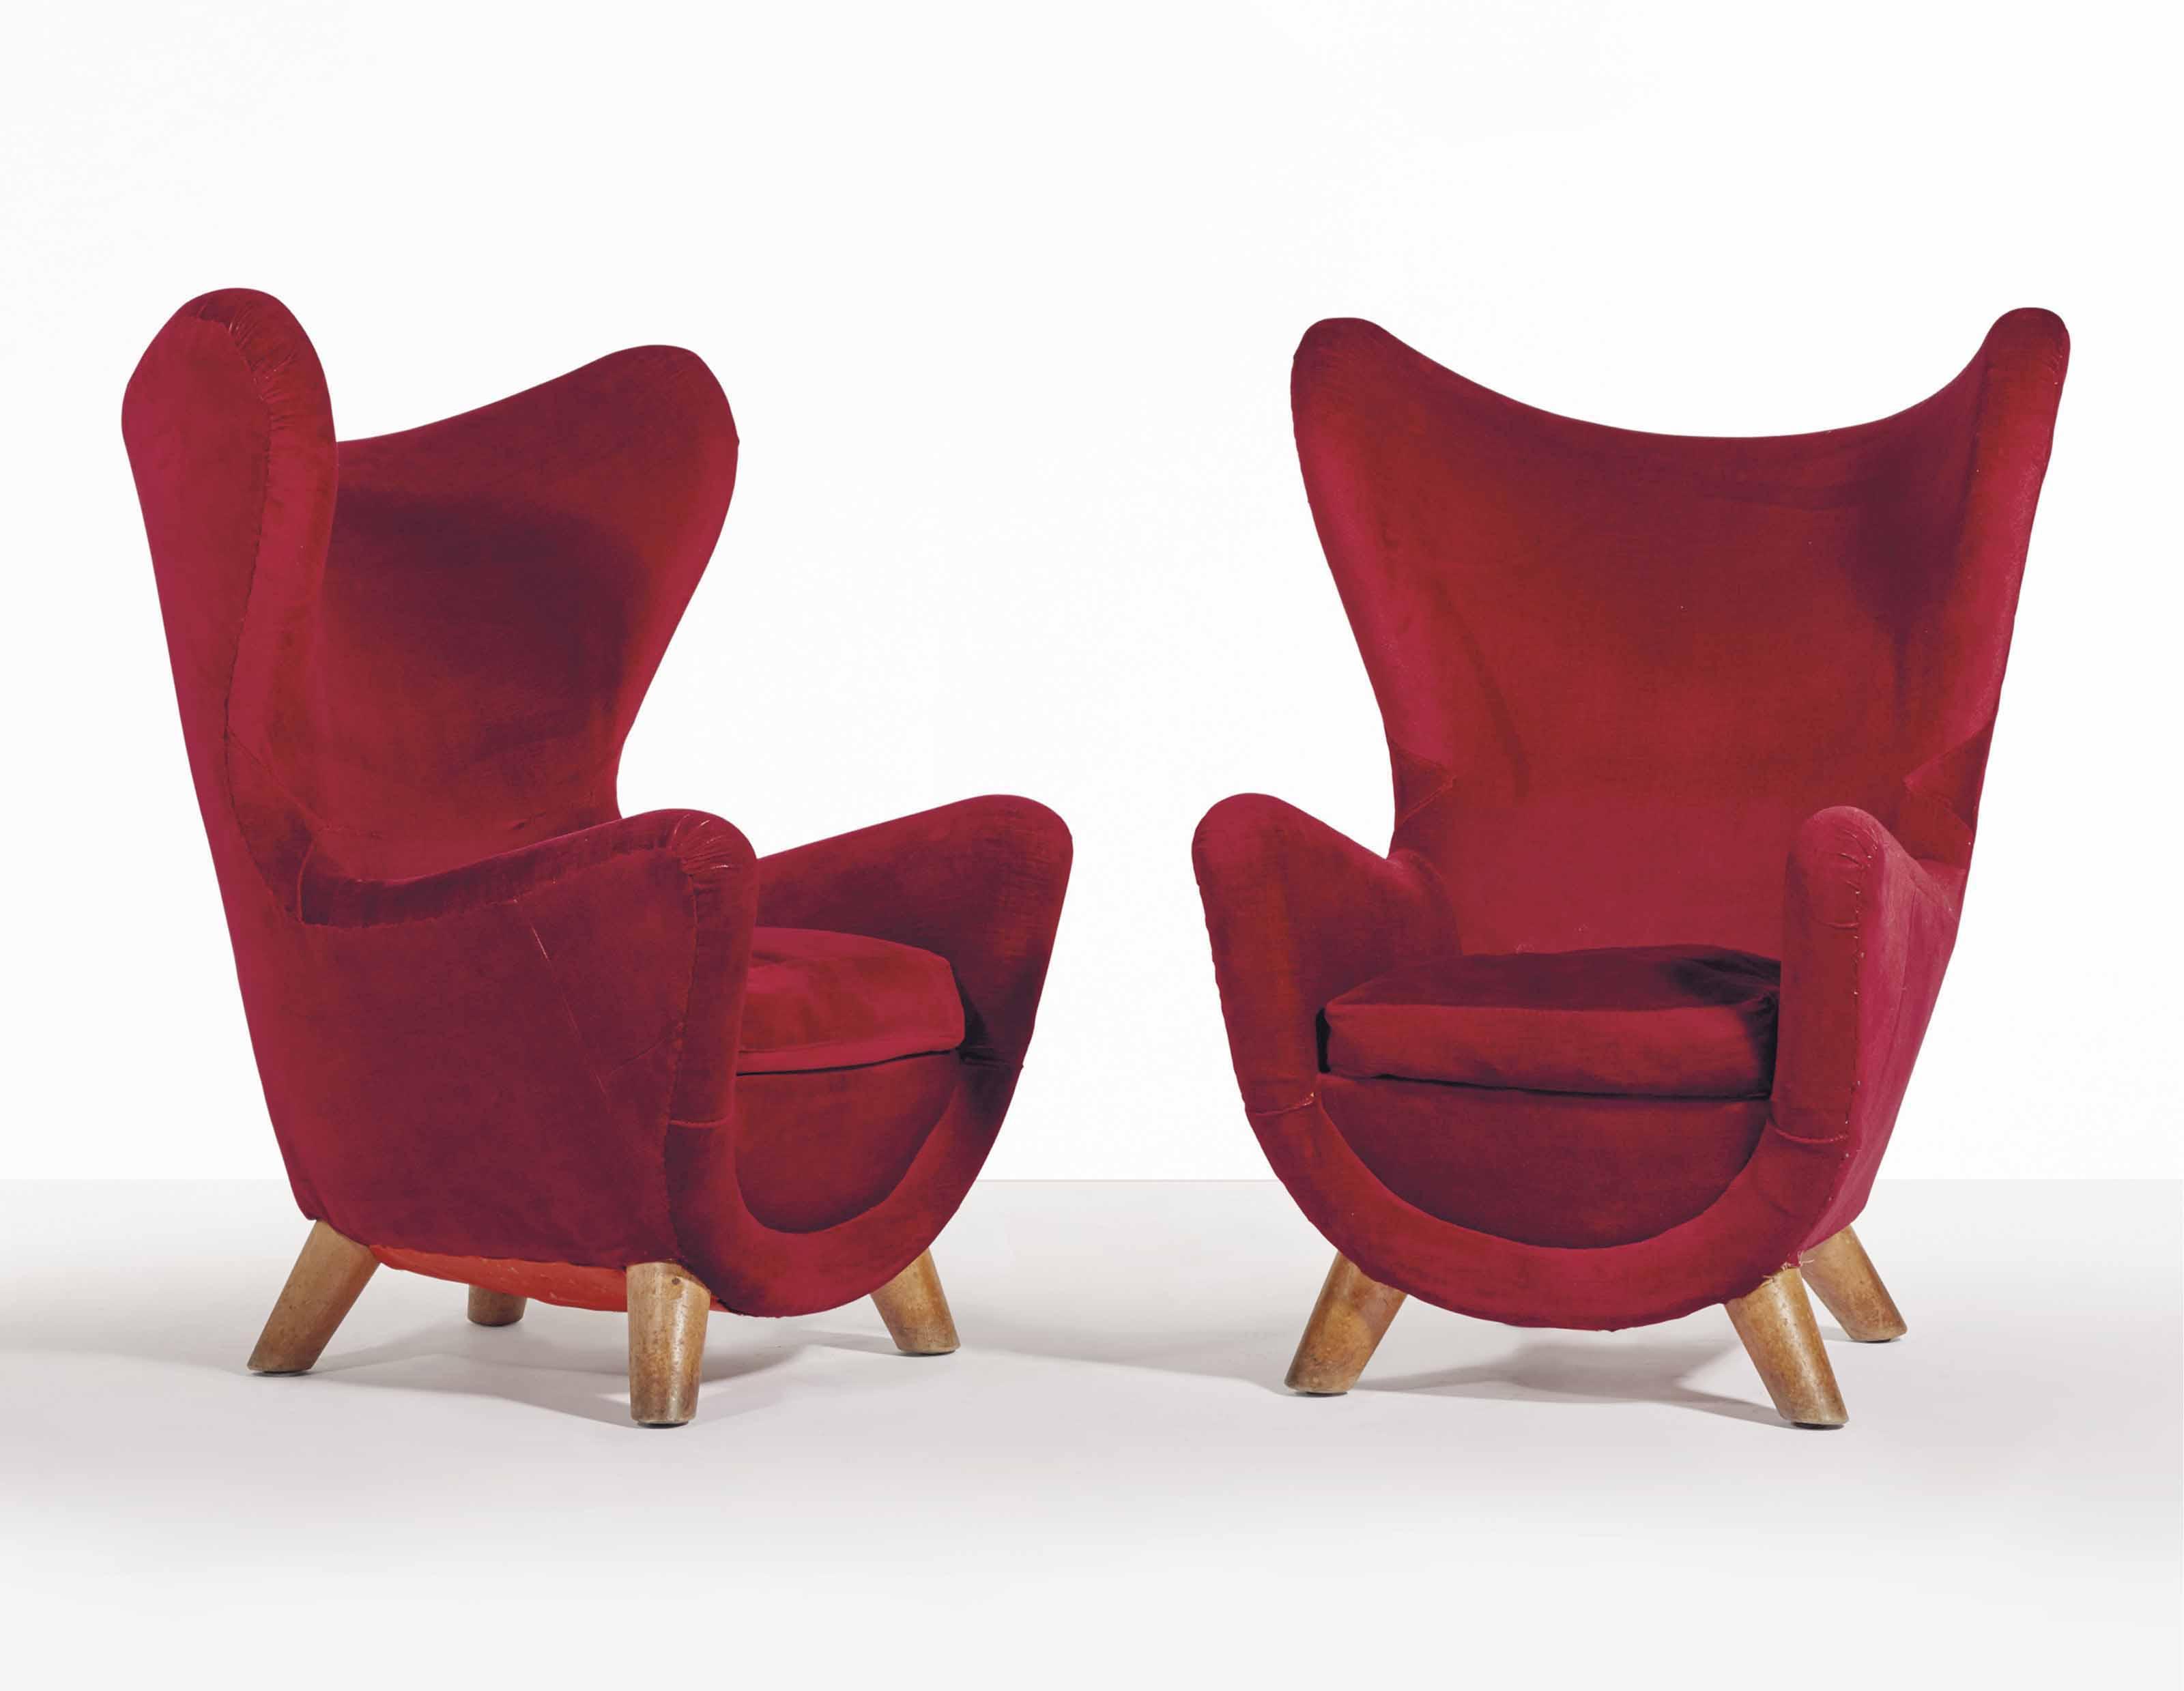 jean roy re 1902 1981 paire de fauteuils l phanteau 1964 1965 christie 39 s. Black Bedroom Furniture Sets. Home Design Ideas